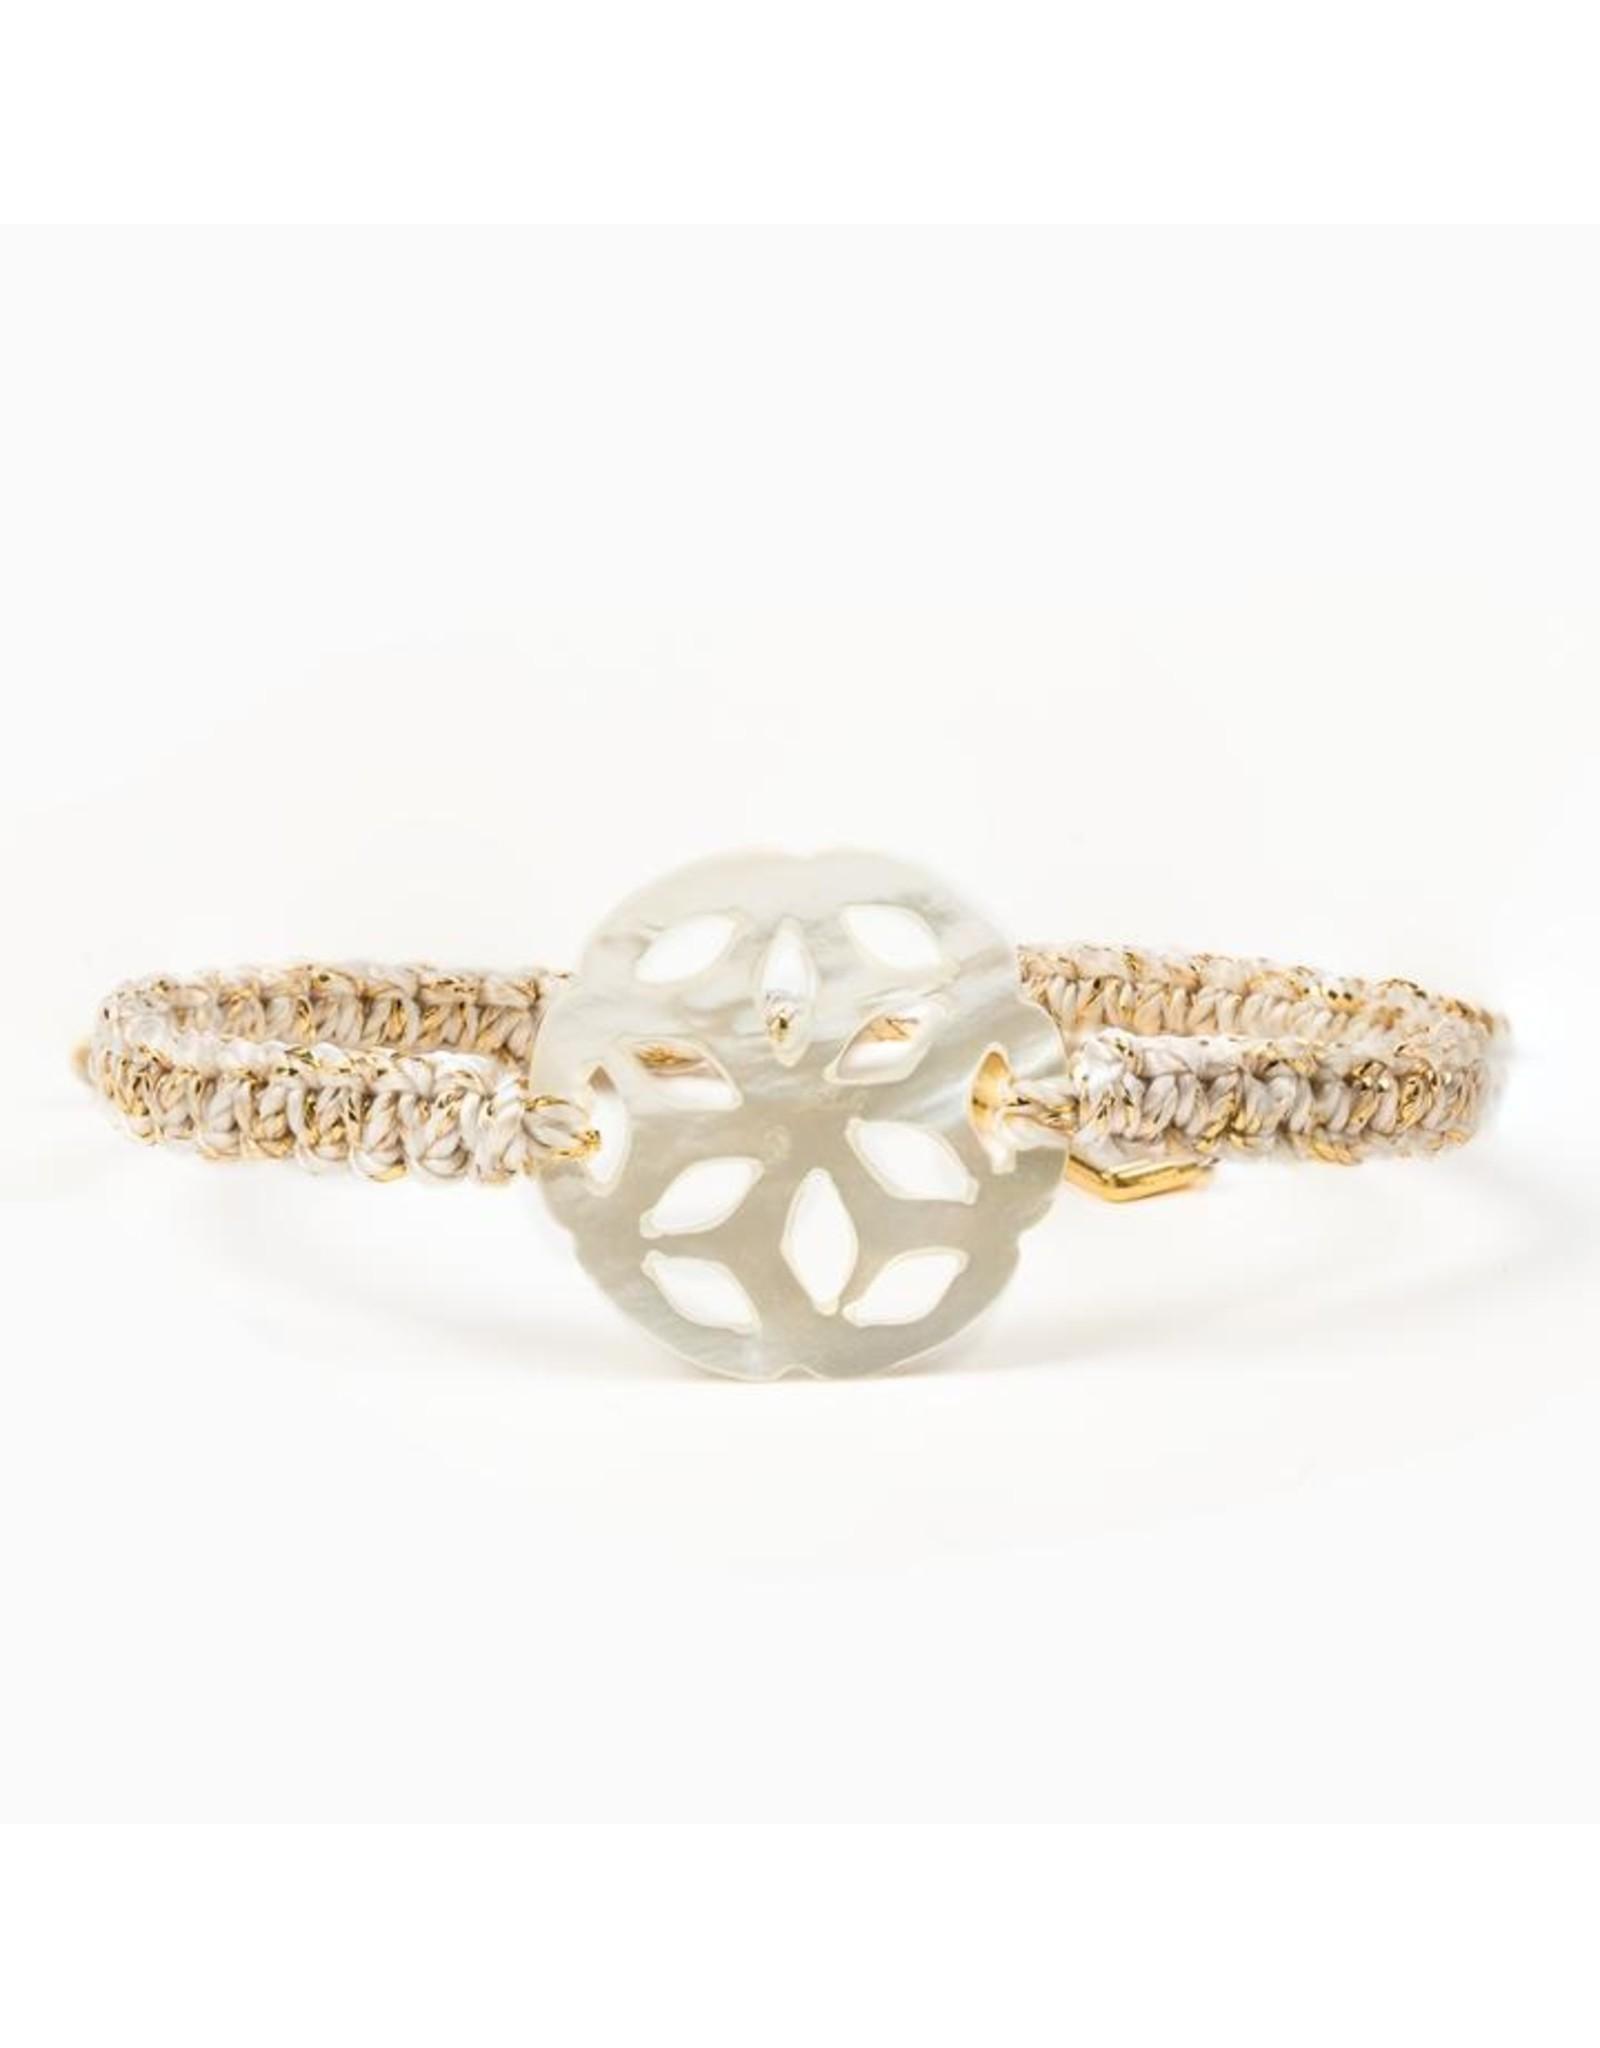 MSMH Empower Bracelet